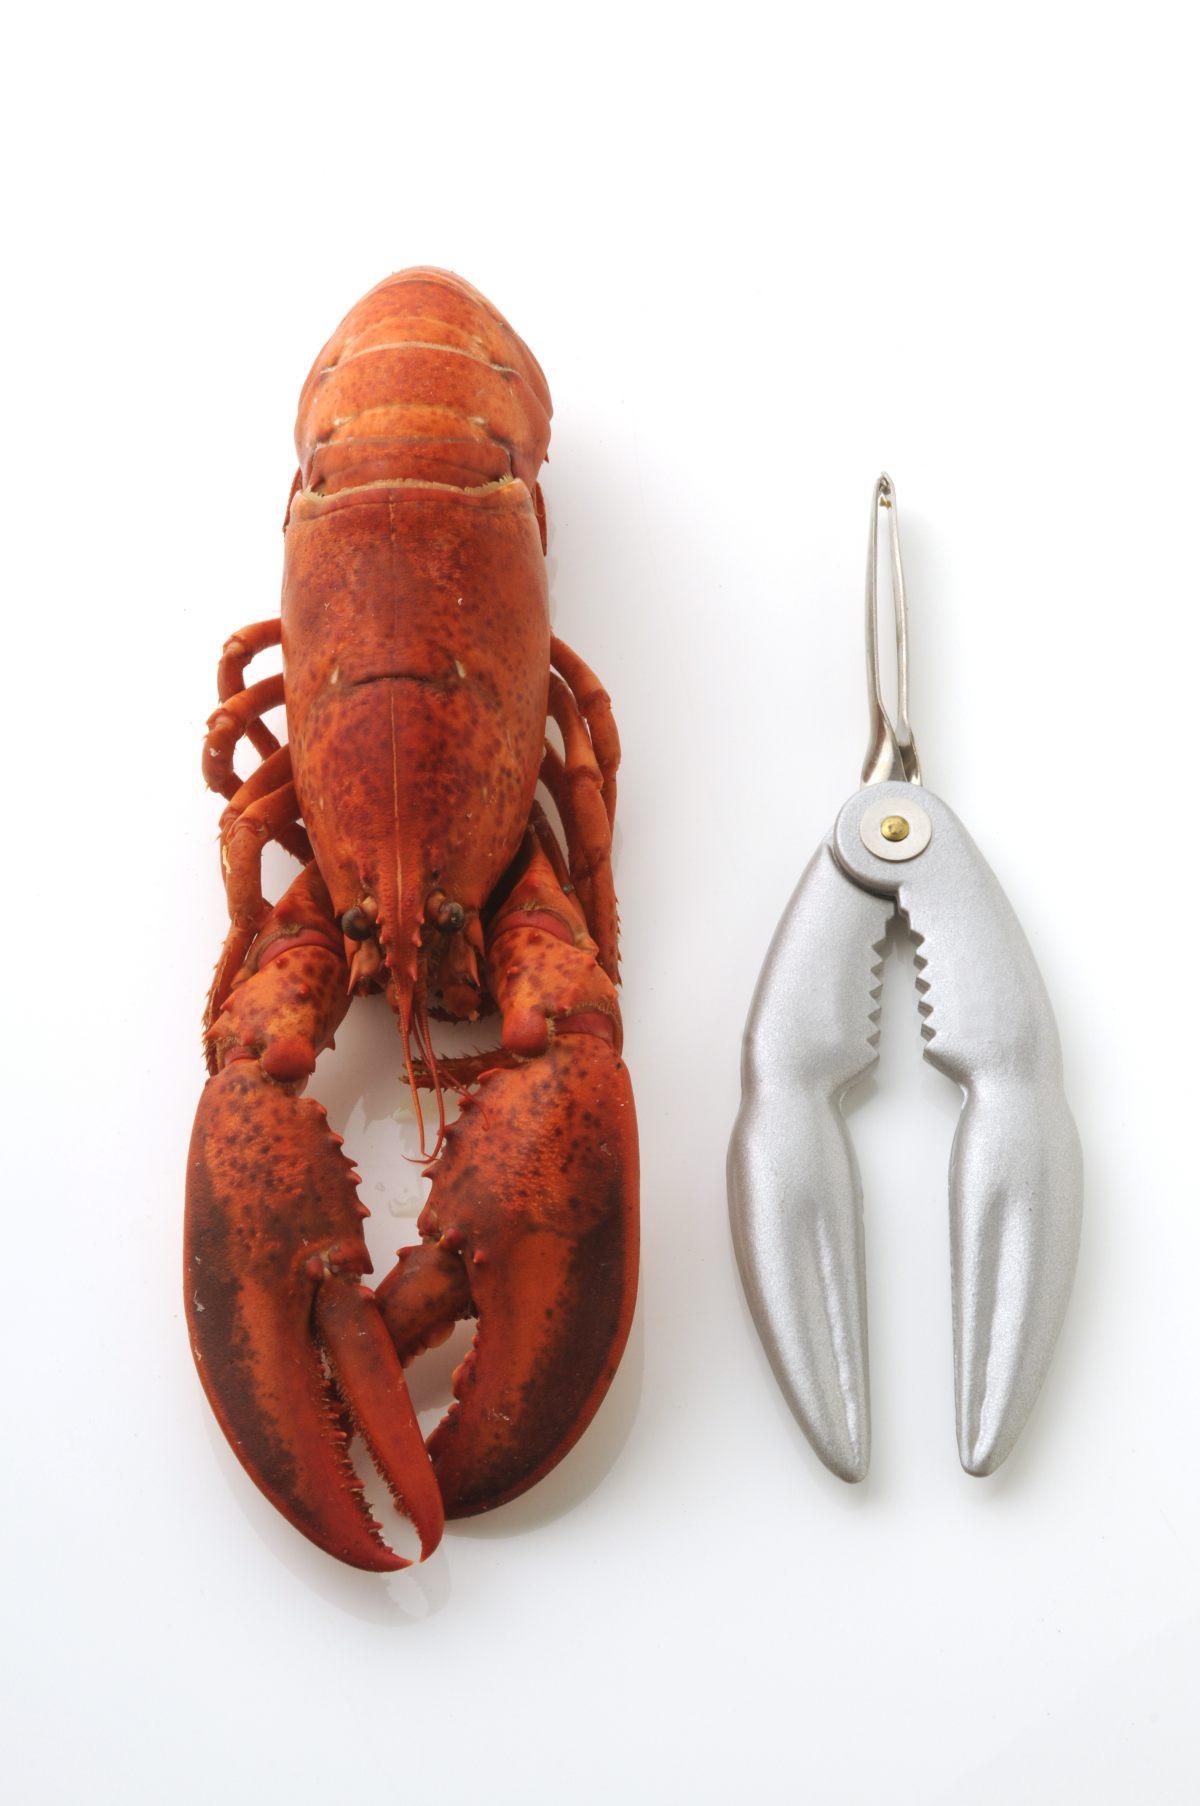 Pince À Crustacés pince à crustacés